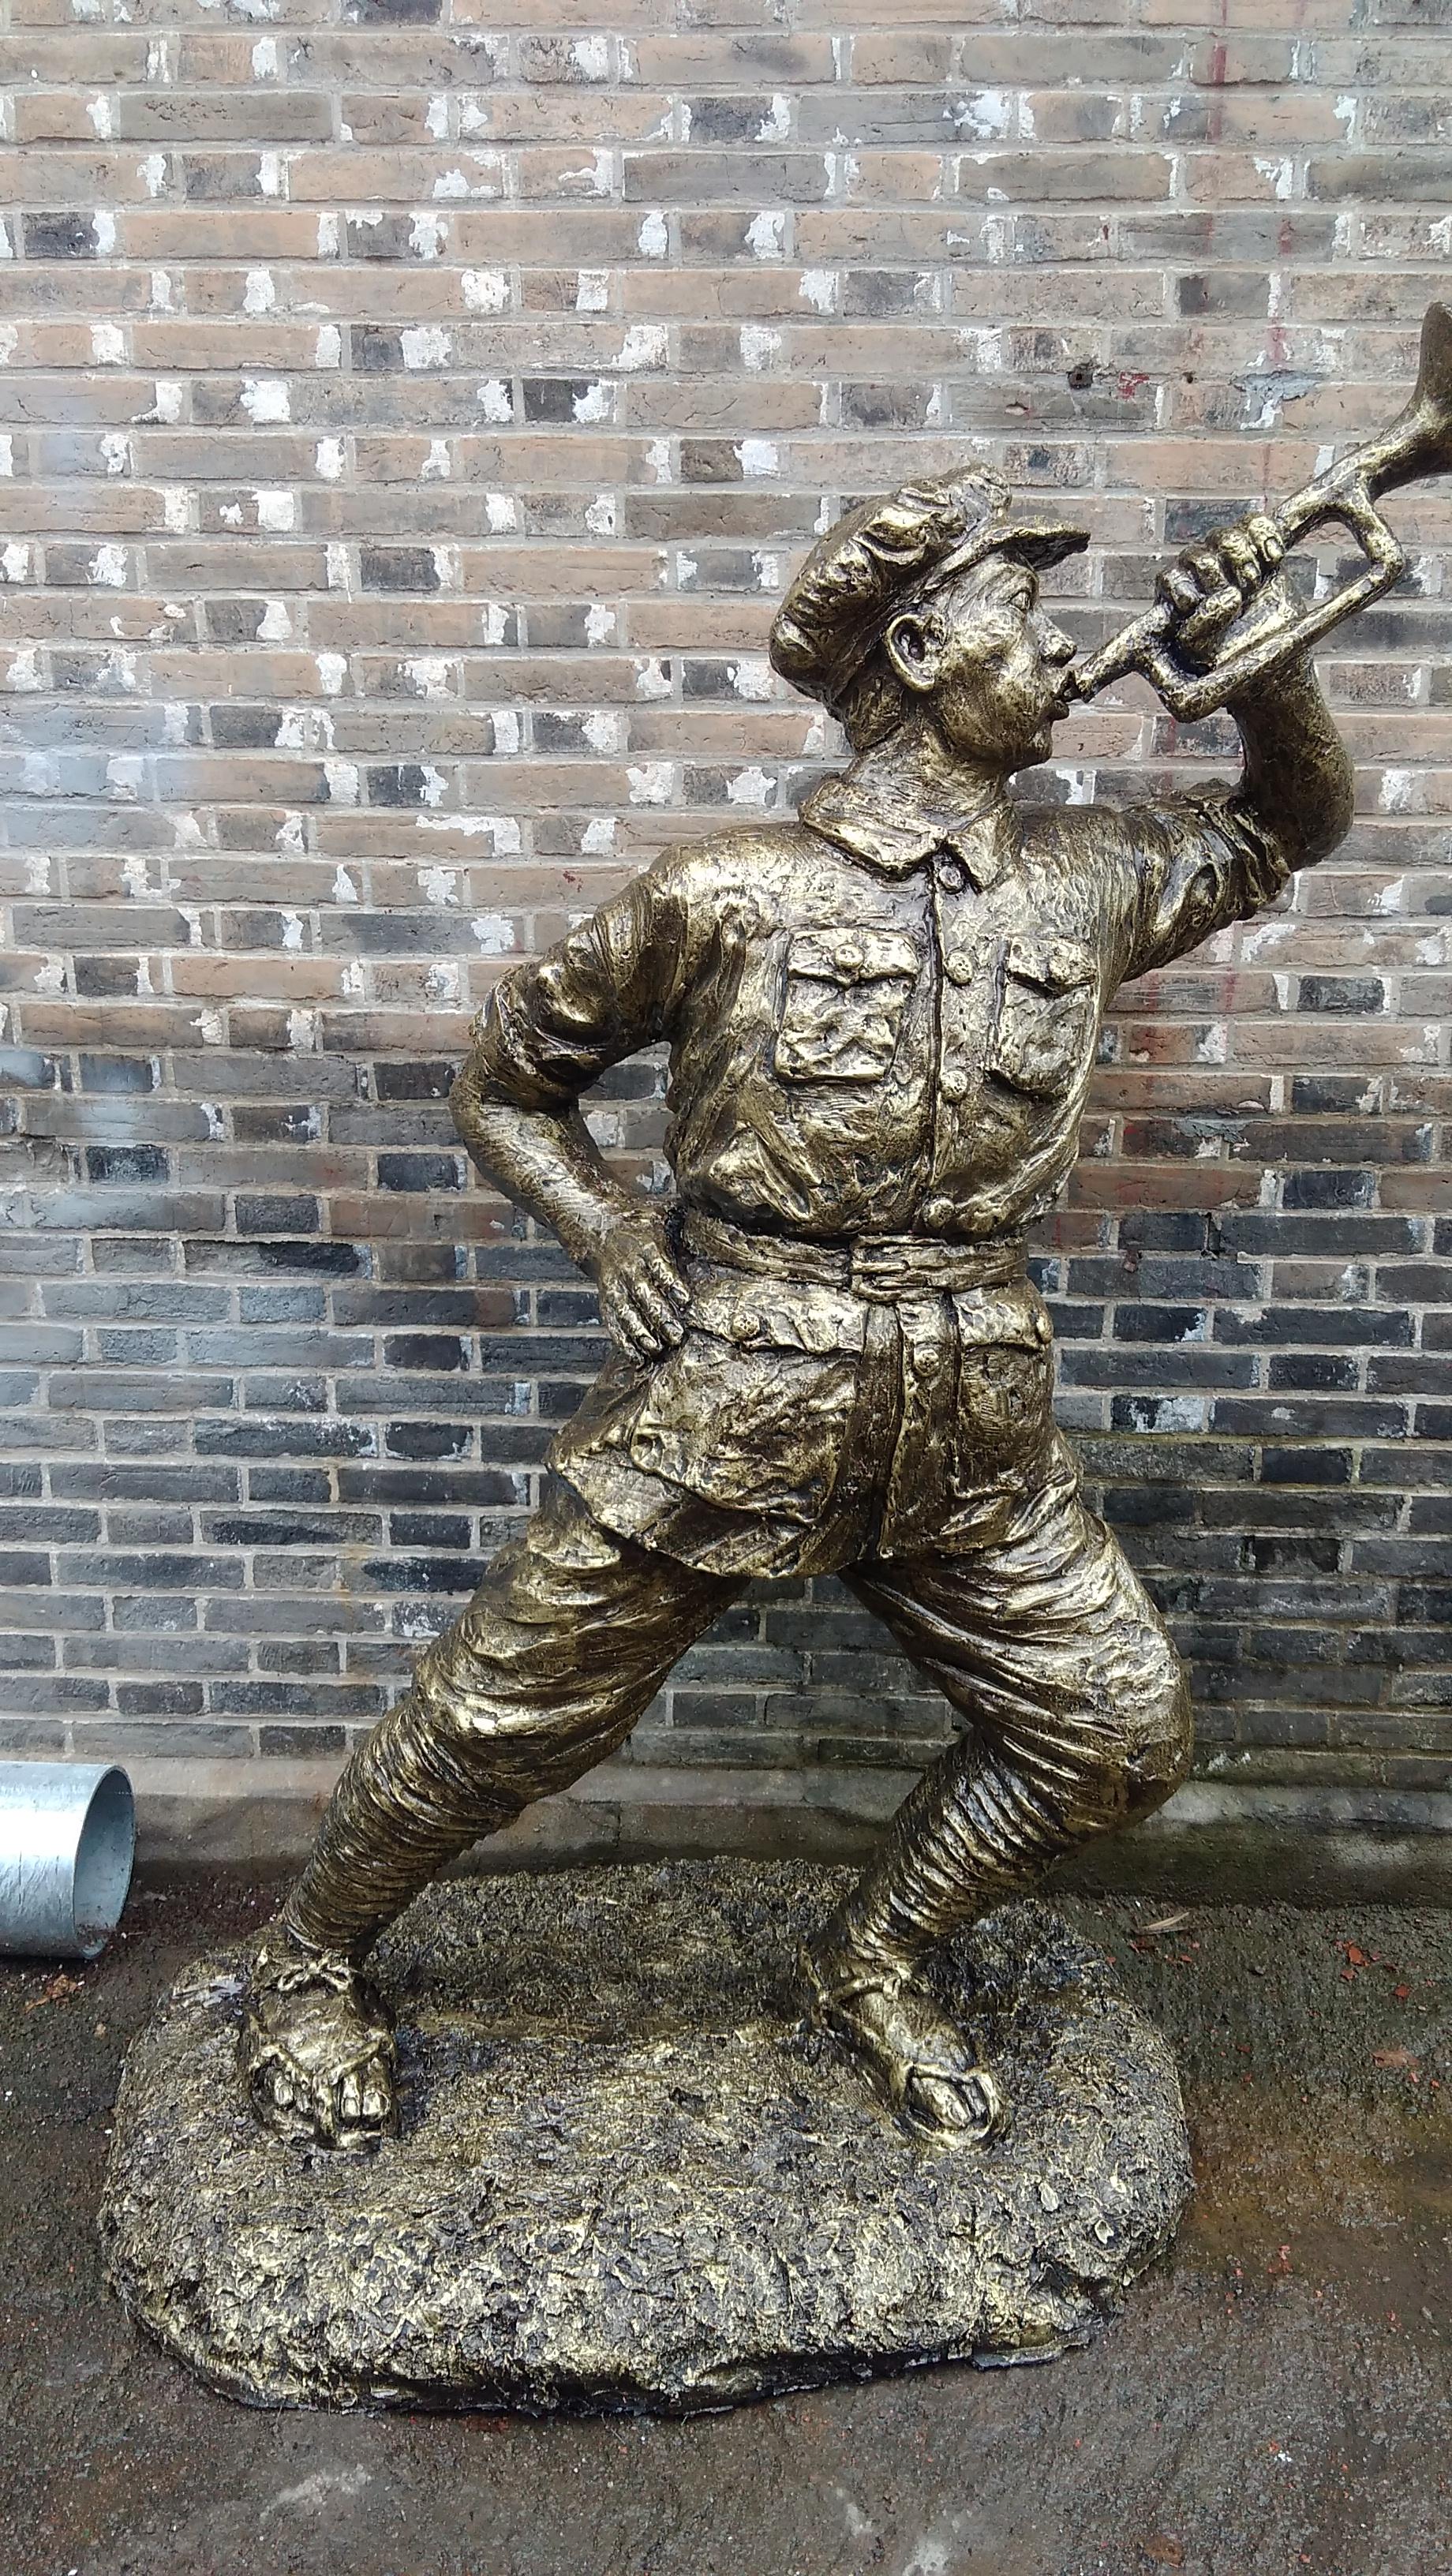 红军雕塑供应价格,价钱,报价 金华市双丰雕塑工程有限公司专业制